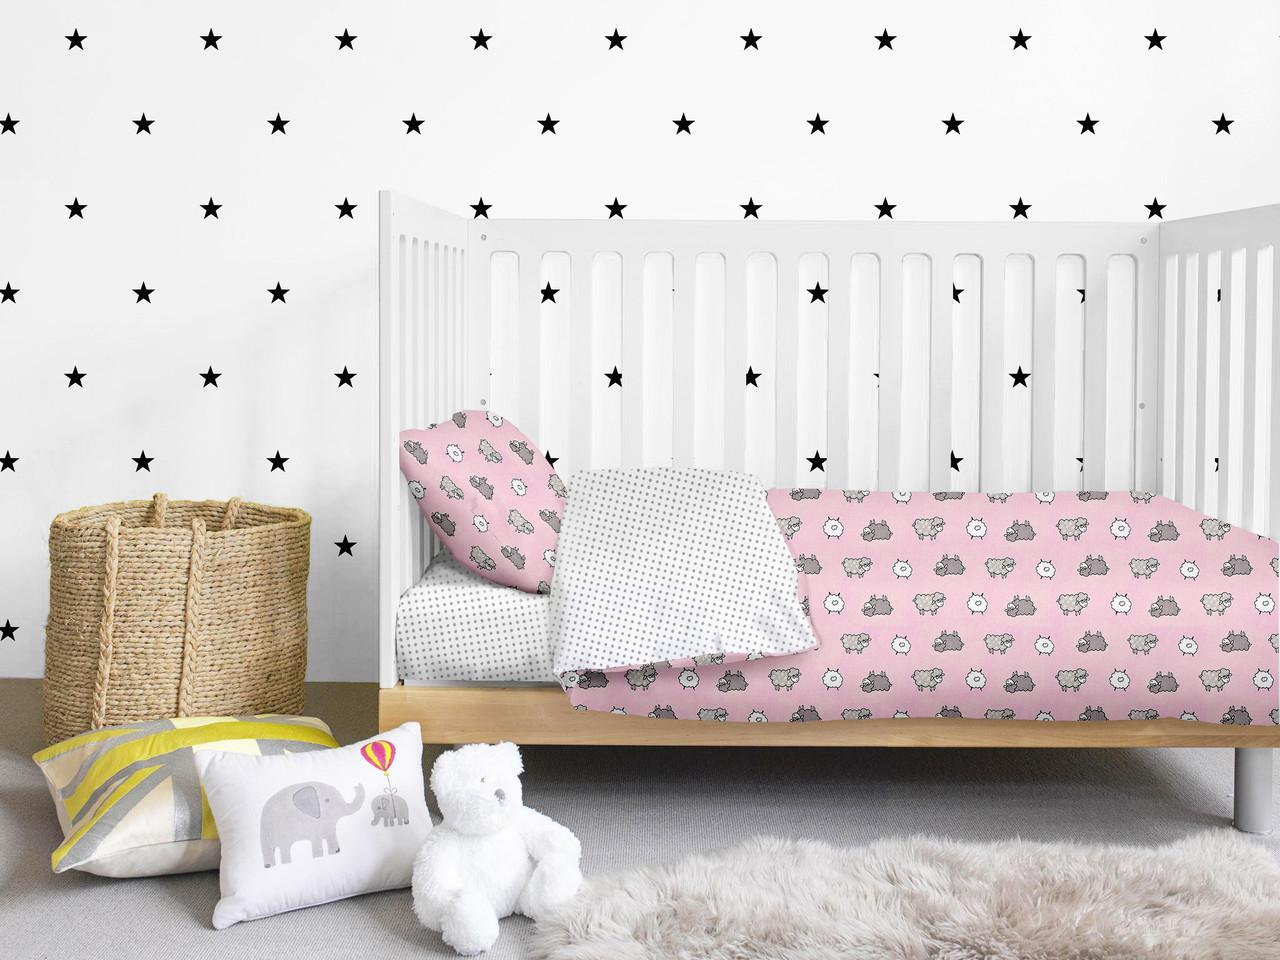 Комплект детского постельного белья SHEEP ROSE /горох серый/